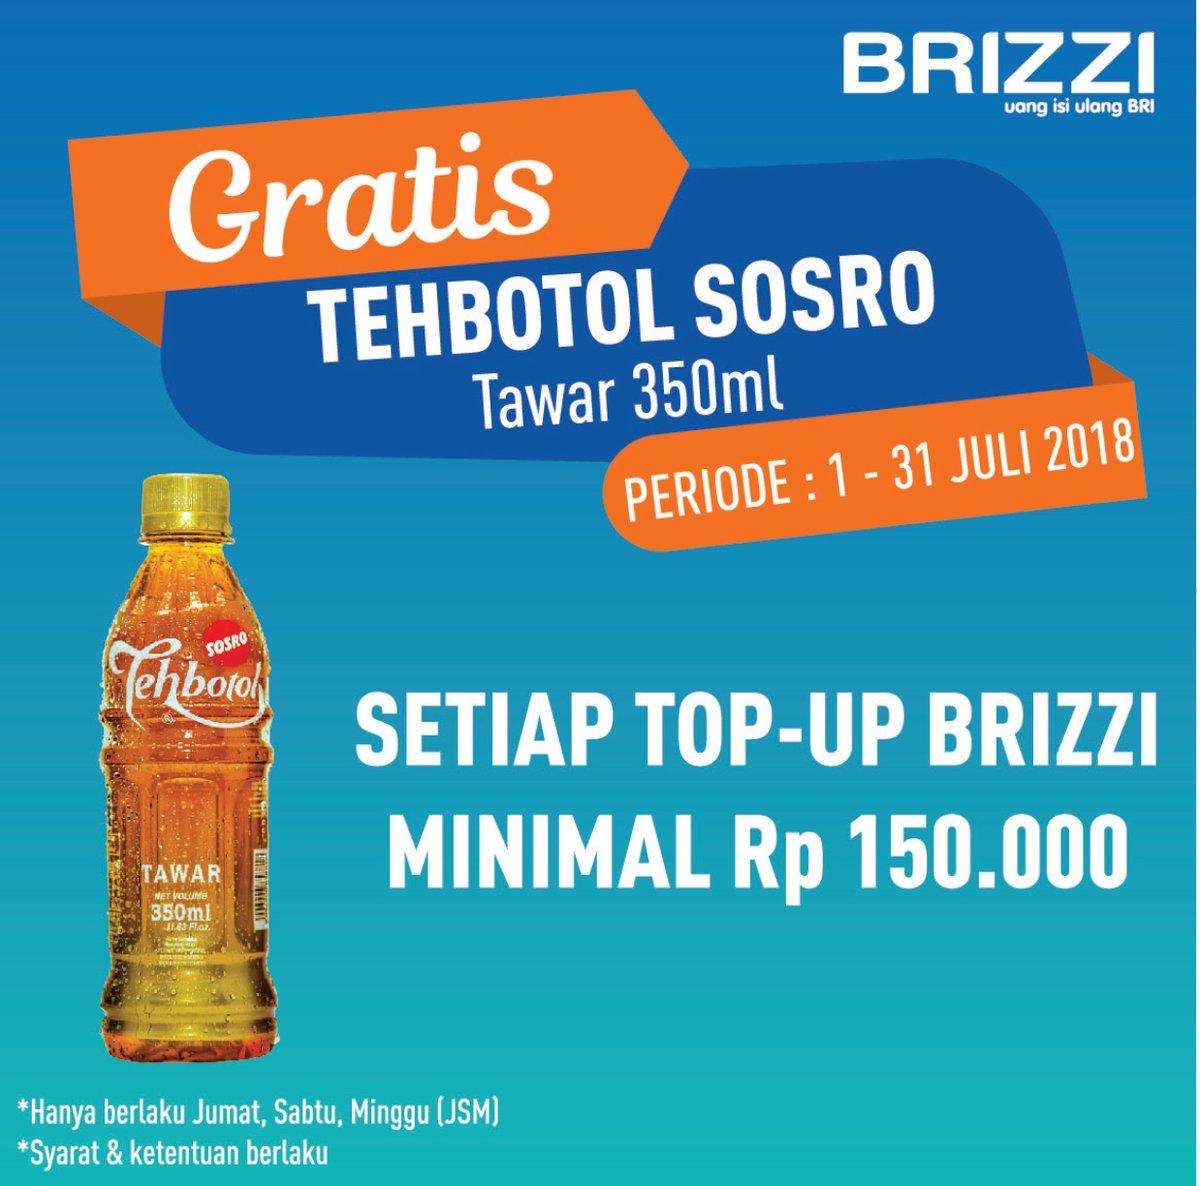 Bank BRI - Topuup BRIZZI di Alfamidi Gratis Teh Botol Sosro Tawar 250 ml (s.d 31 Juli 2018)